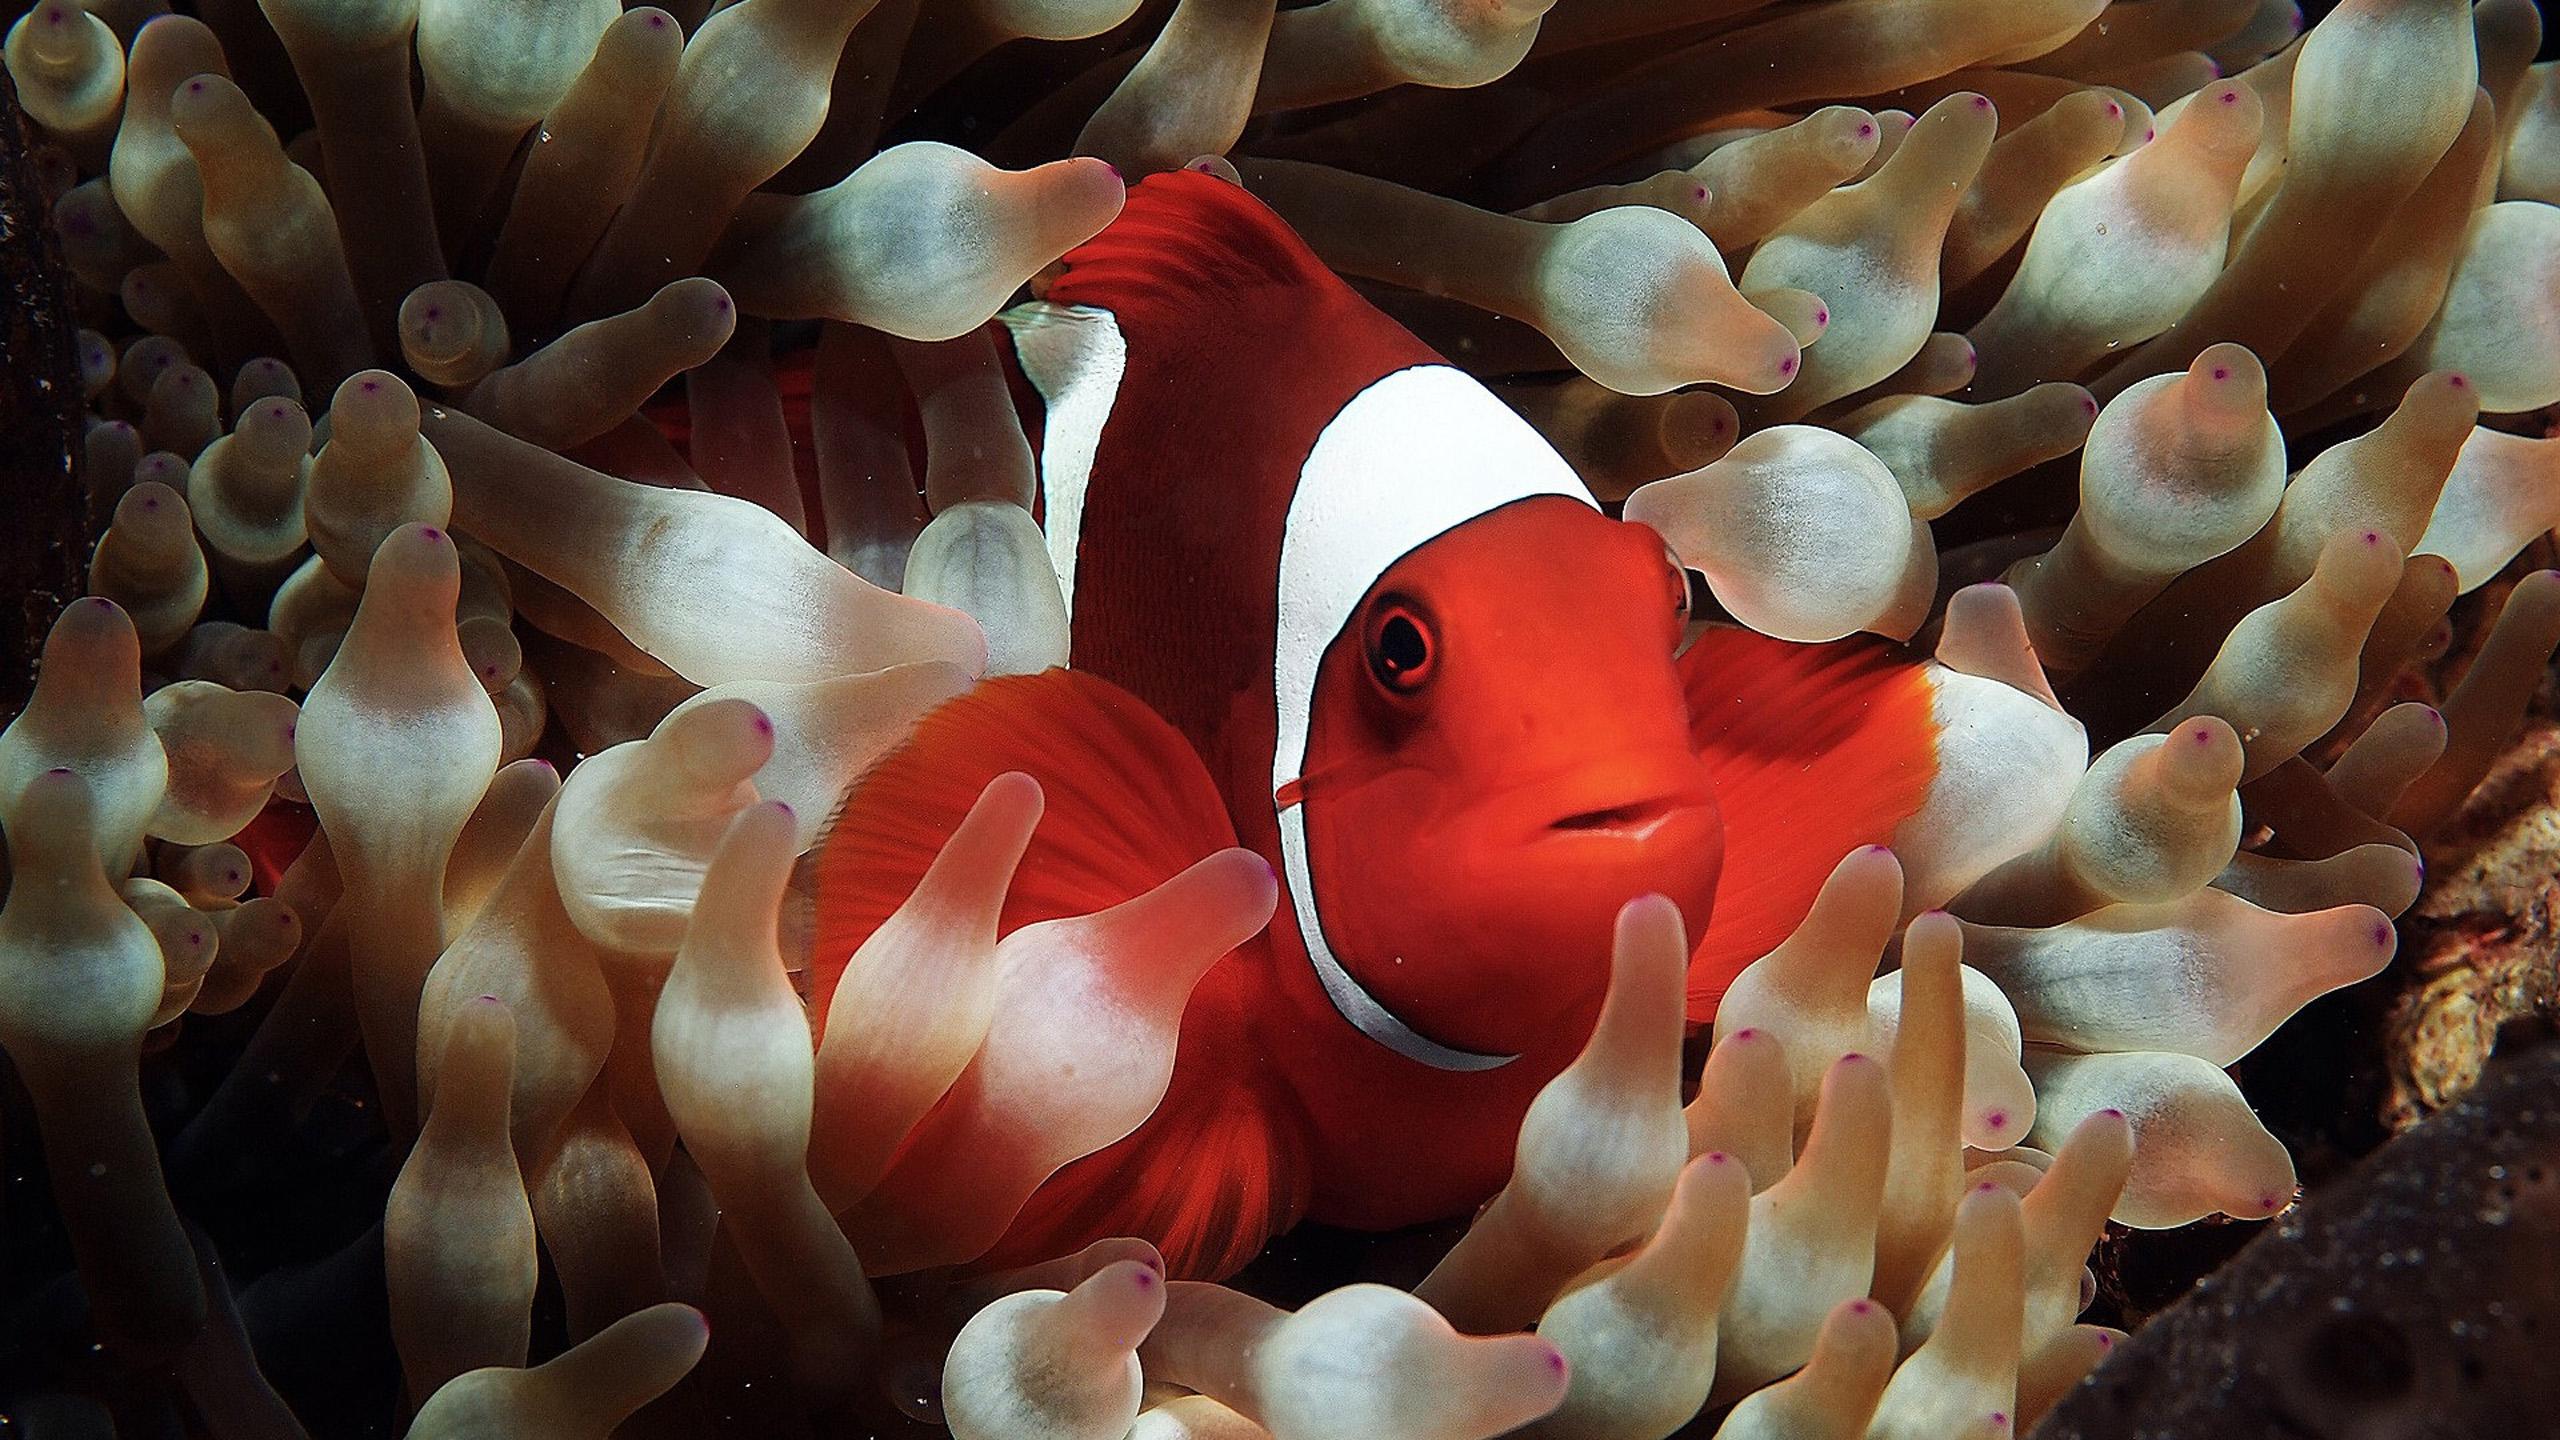 Aquarium Wallpapers 3d Free Download Clown Fish Wallpapers Pixelstalk Net